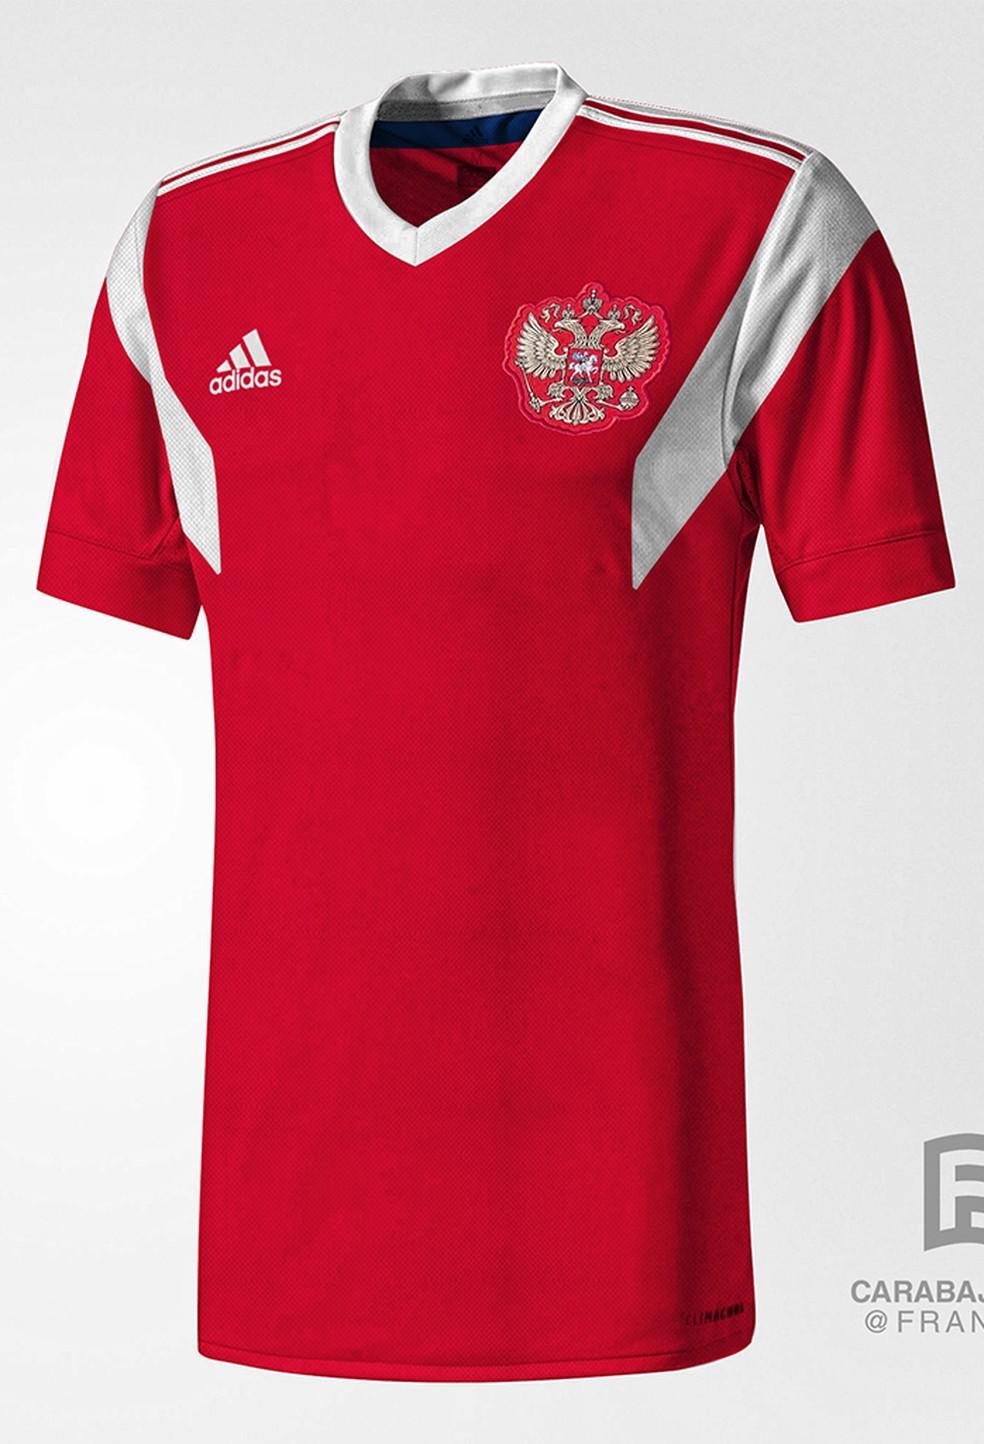 ... Oficial  Camisa da Rússia para a Copa do Mundo — Foto  Reprodução   Todo f834a0d665258